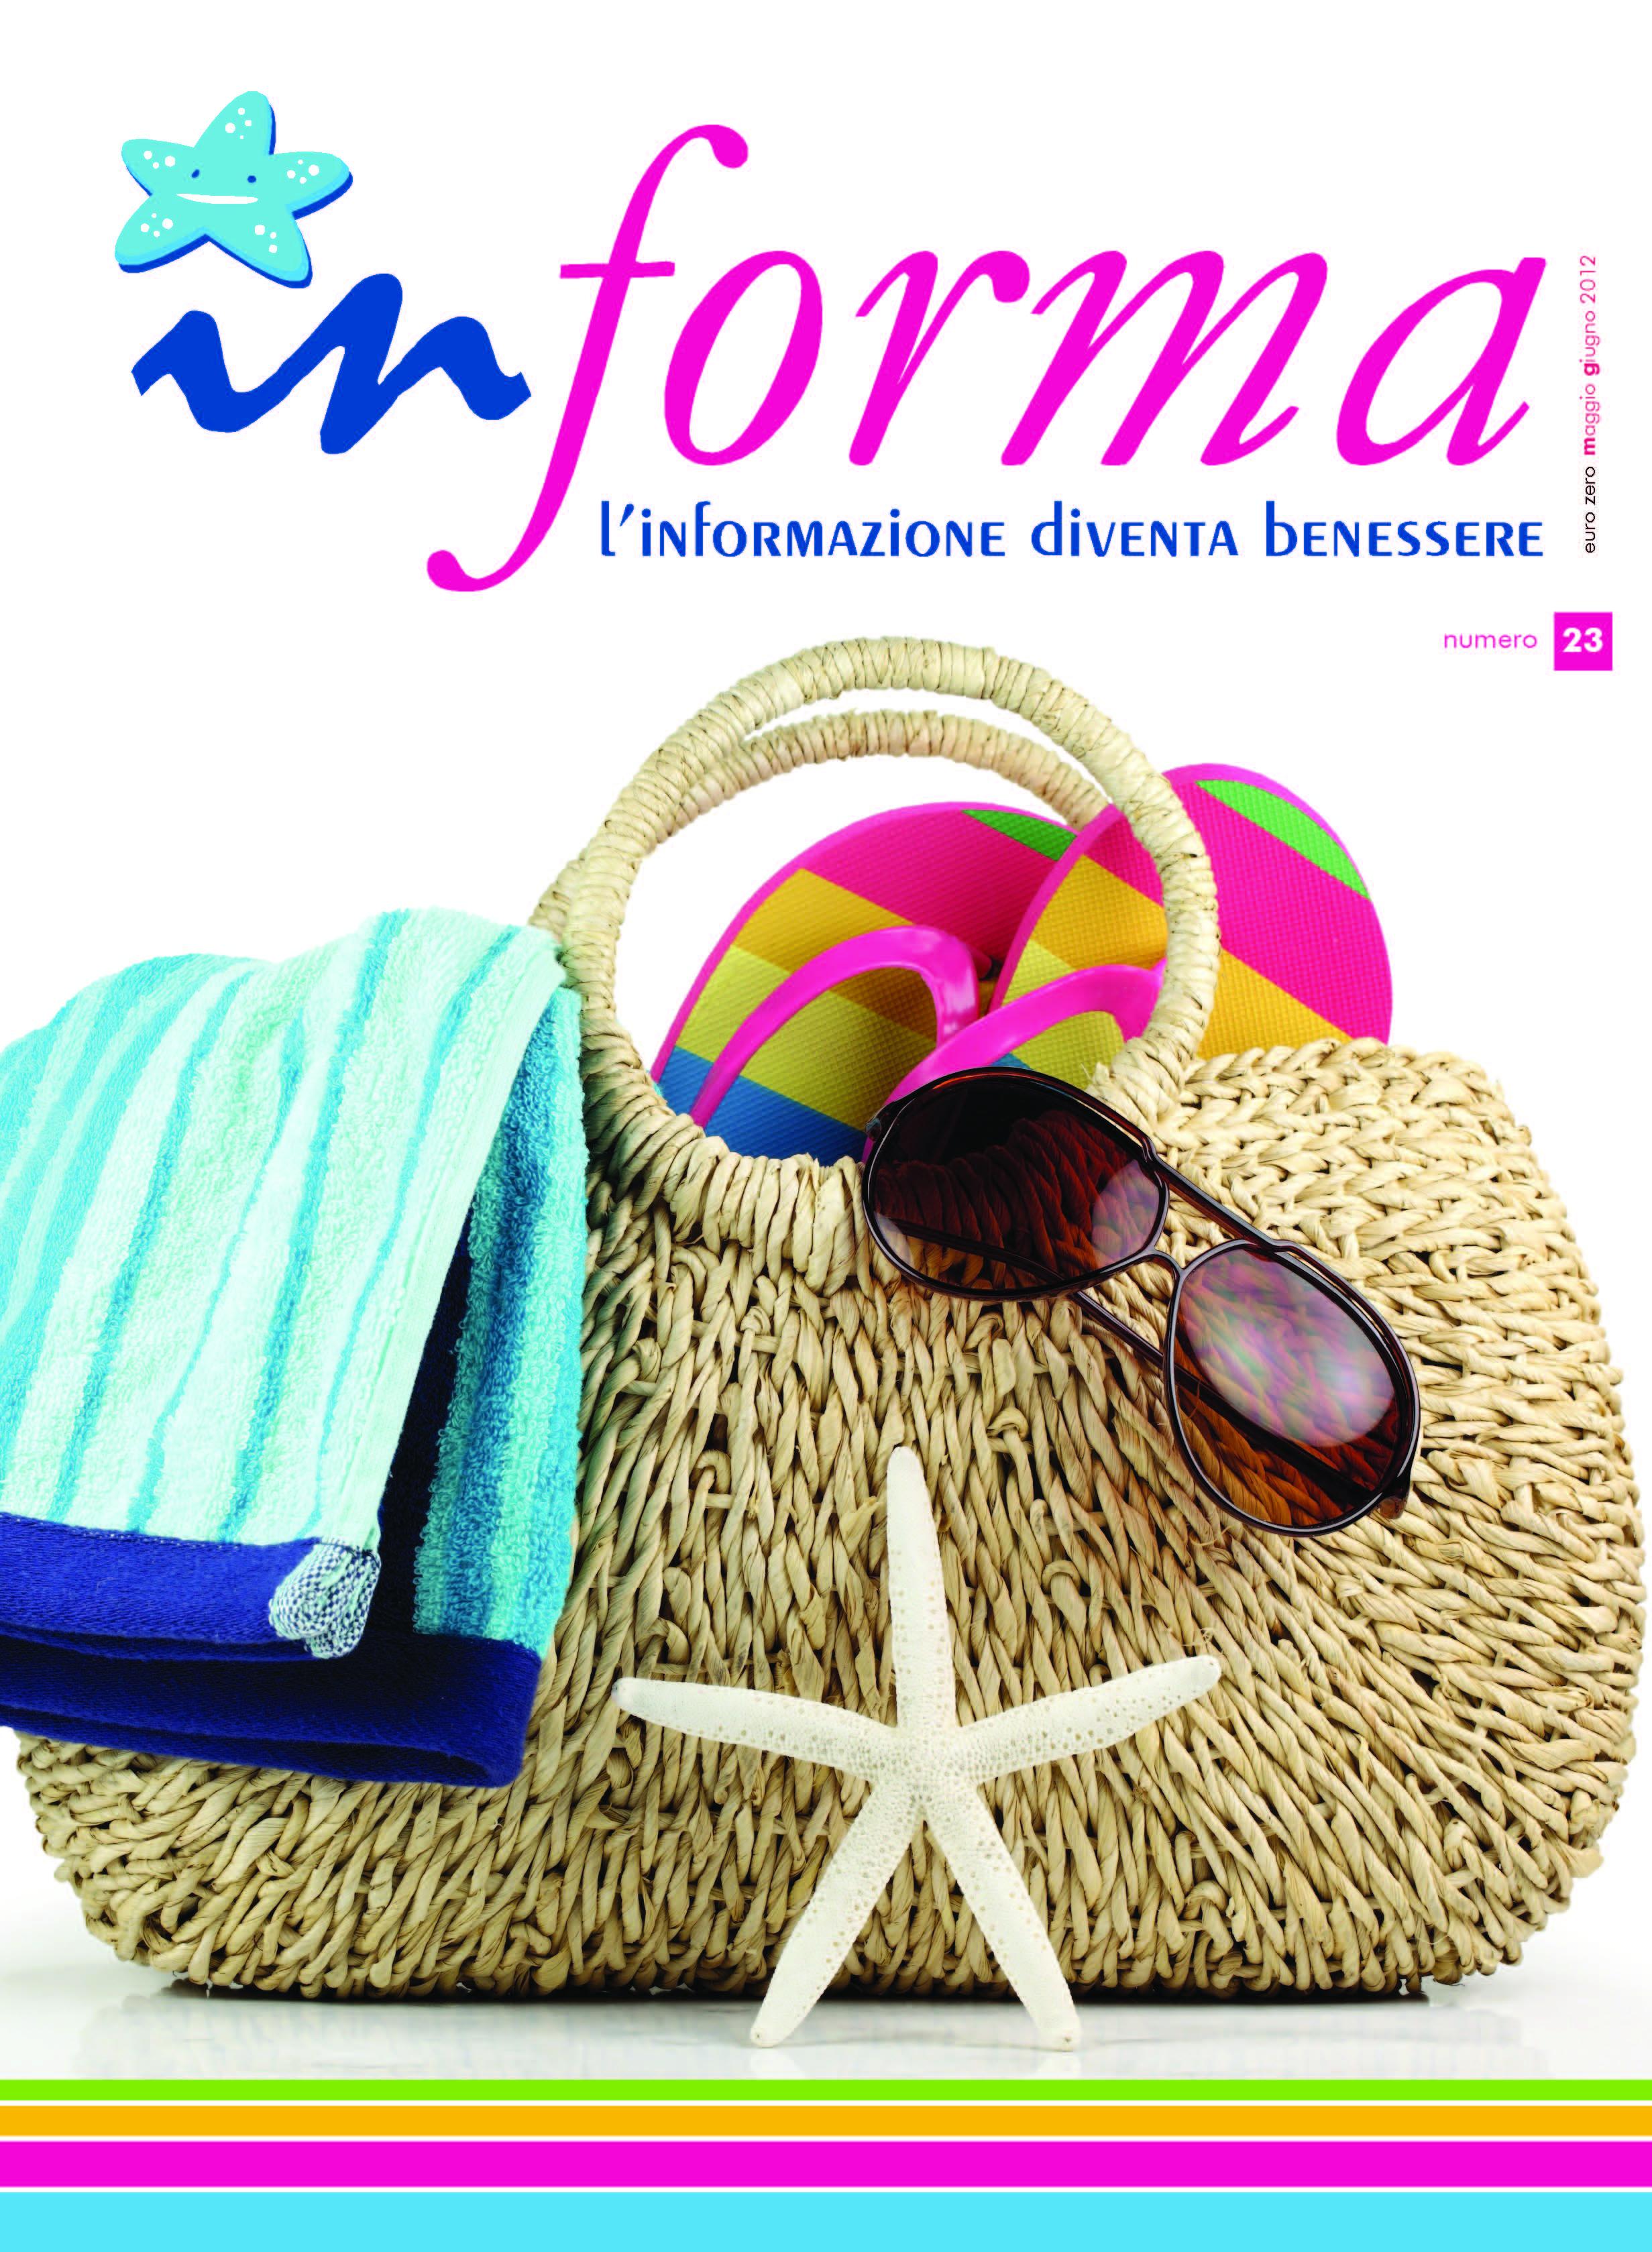 La copertina rappresenta su uno sfondo bianco in primo piano una borsa mare in paglia con una stella marina biacca davanti, e all'interno un telo da mare con con bande di clu e celeste, delle infradito multicolore dal rosa acceso al giallo, e degli occhiali da sole